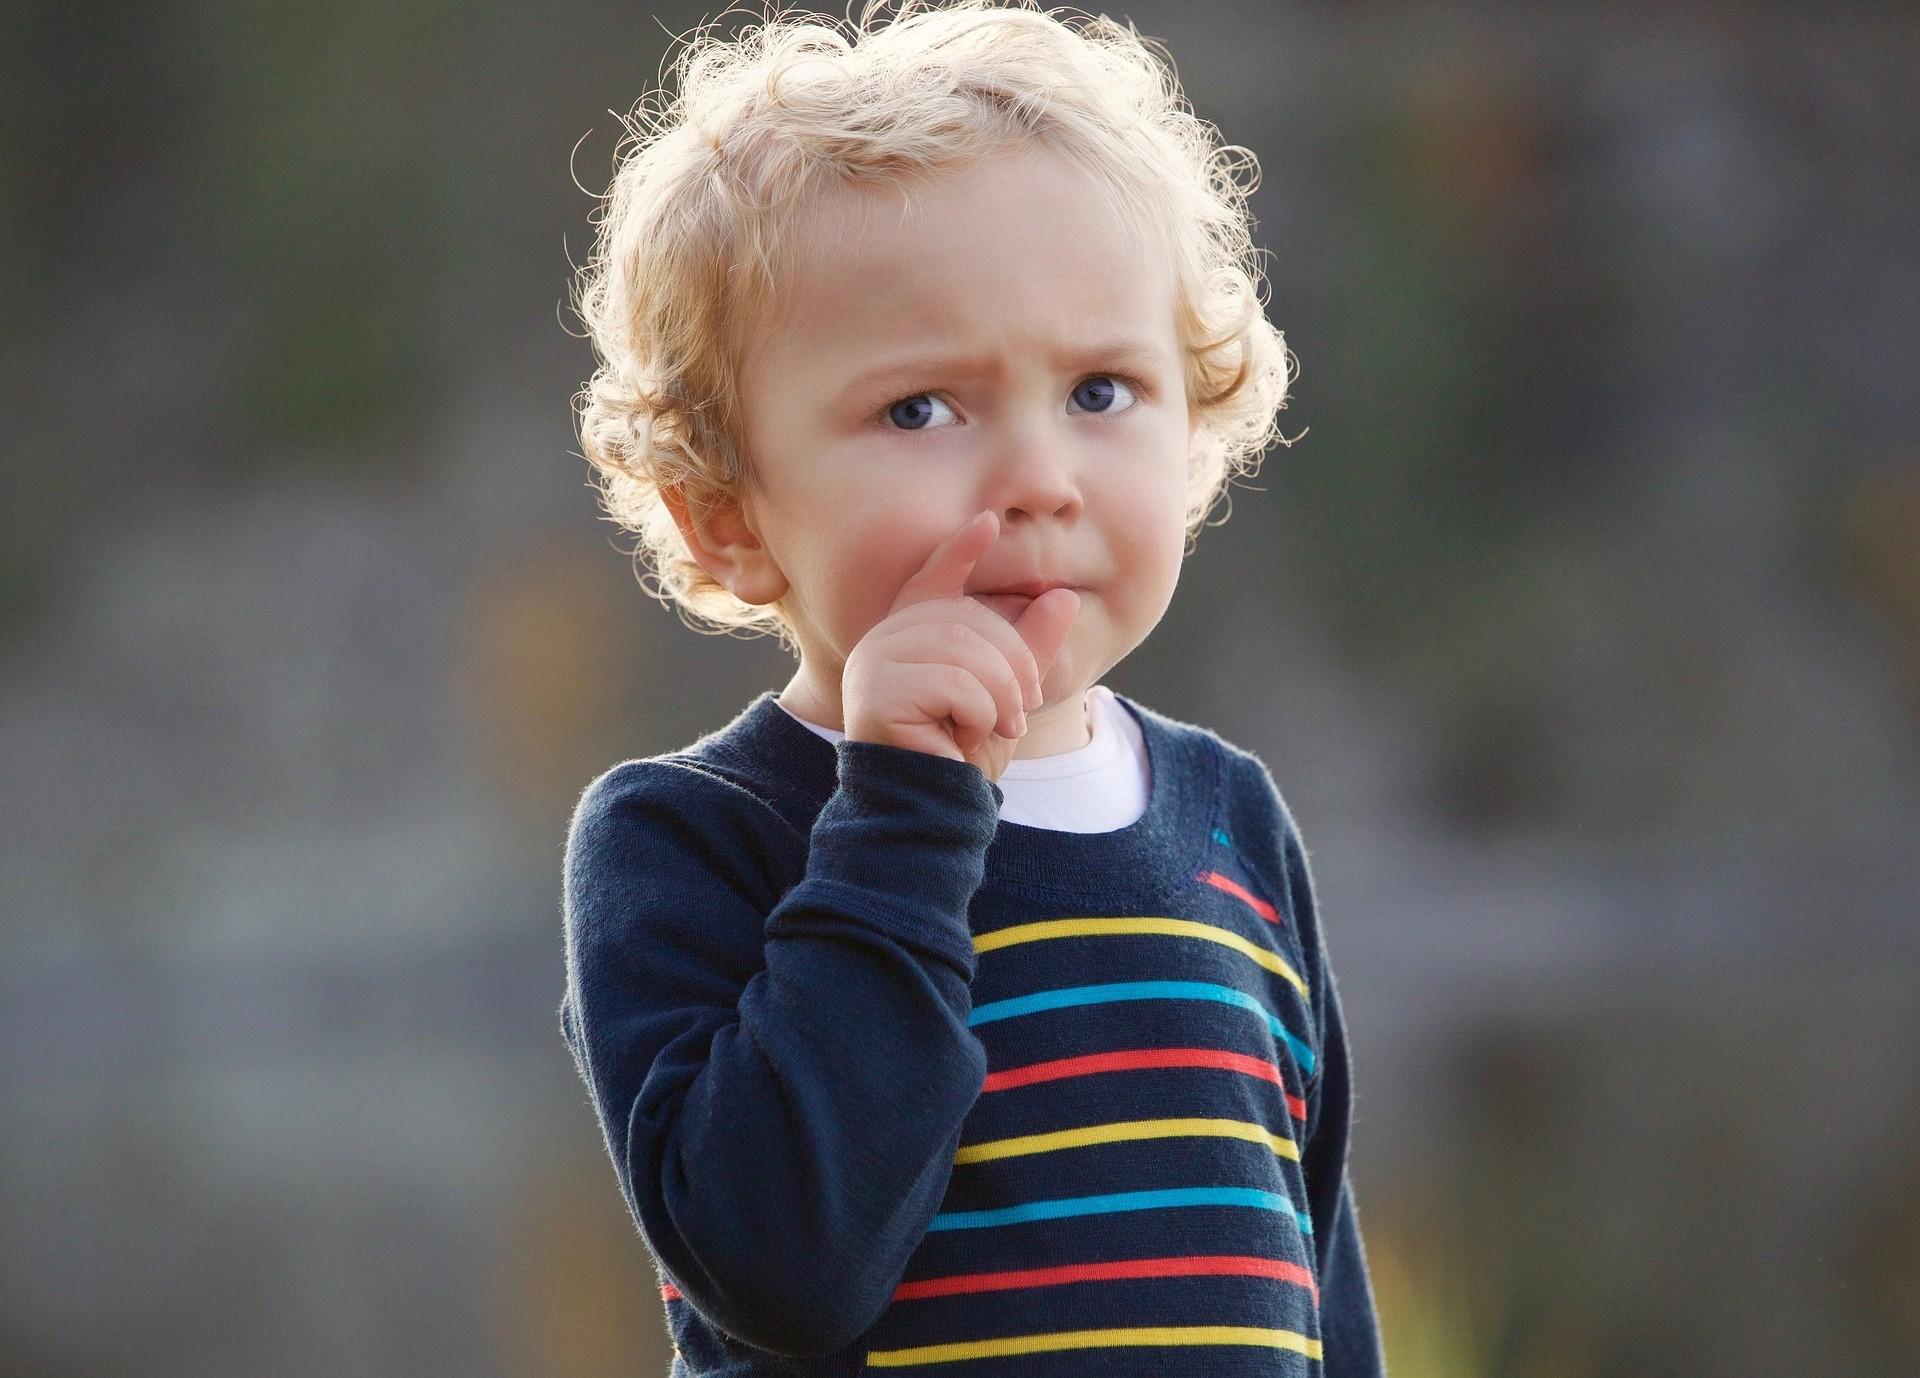 Ребенок плохо говорит: 6 способов помочь развить речь